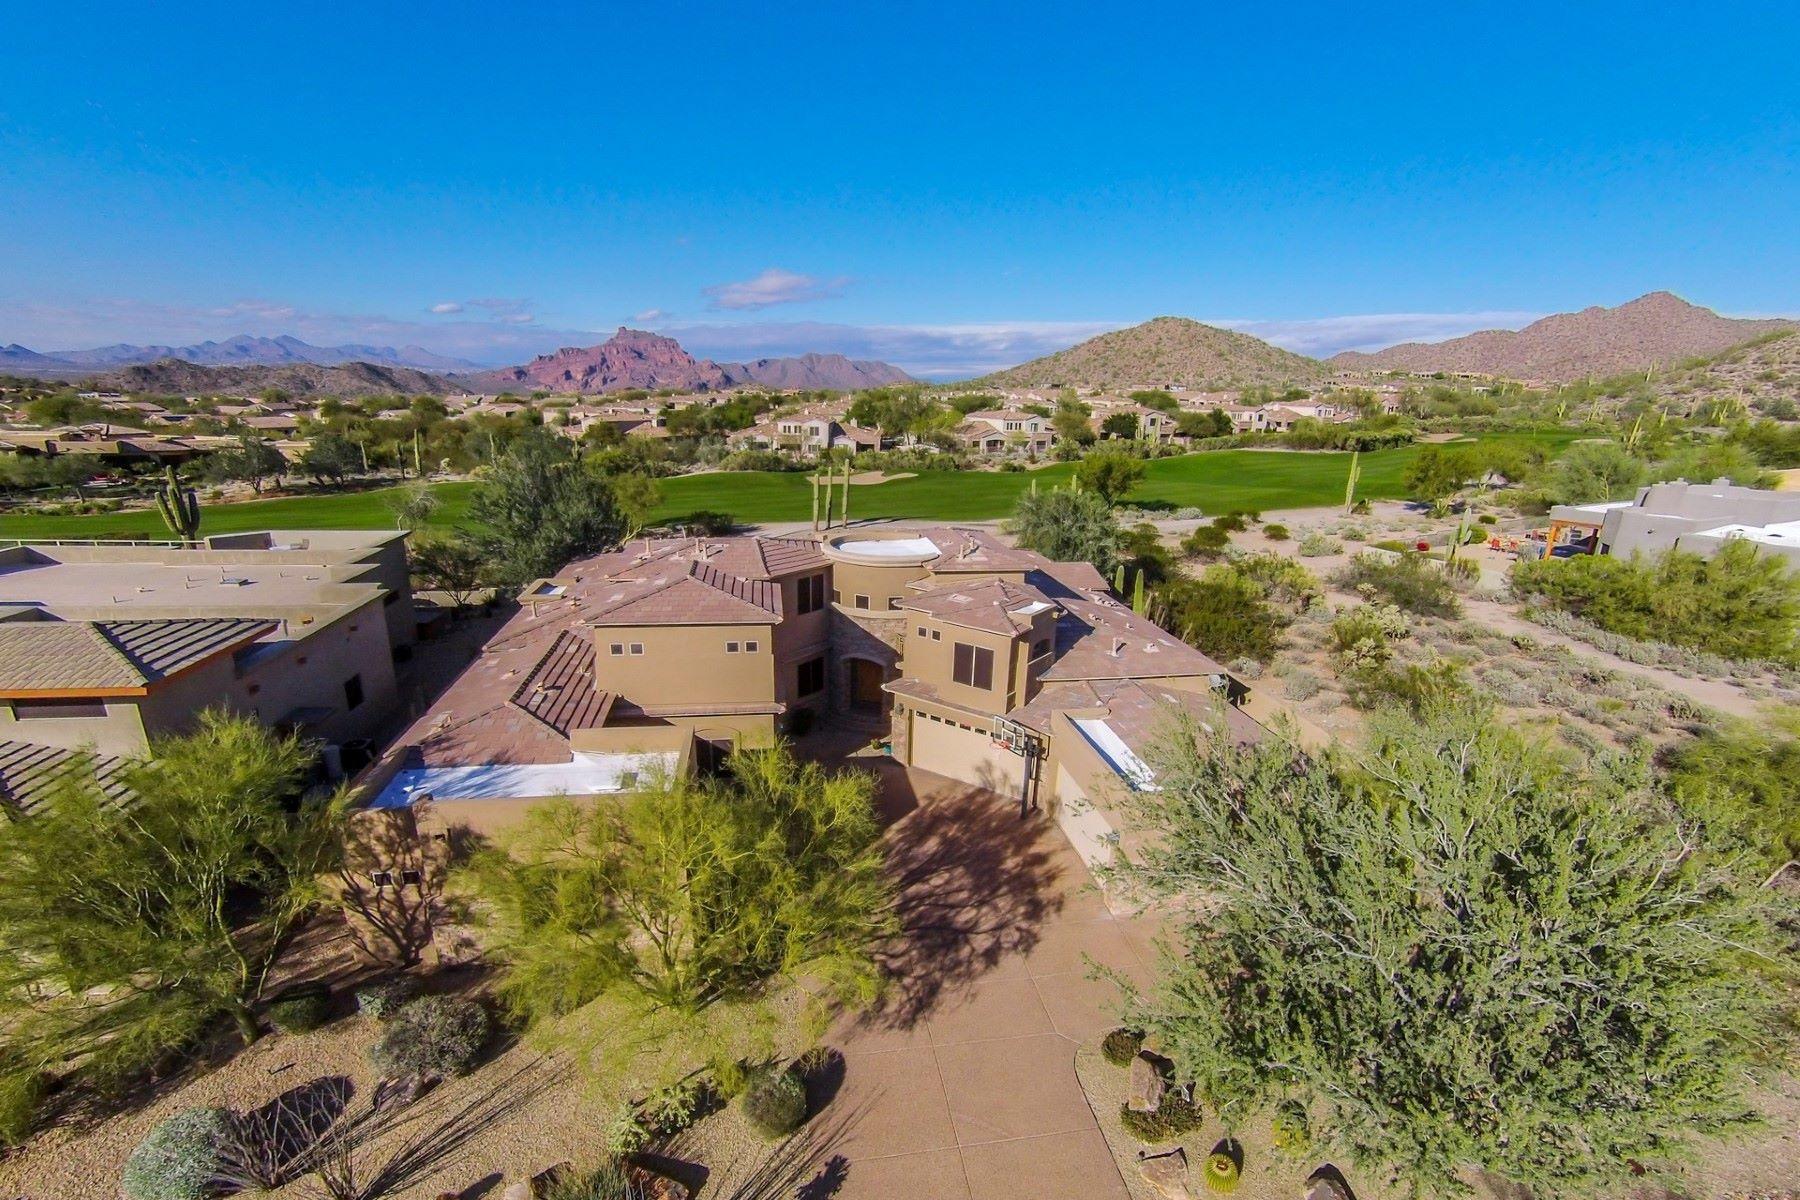 Casa Unifamiliar por un Venta en Stunning Golf Course and Mountain Views 7130 E Saddleback St #24 Mesa, Arizona, 85207 Estados Unidos